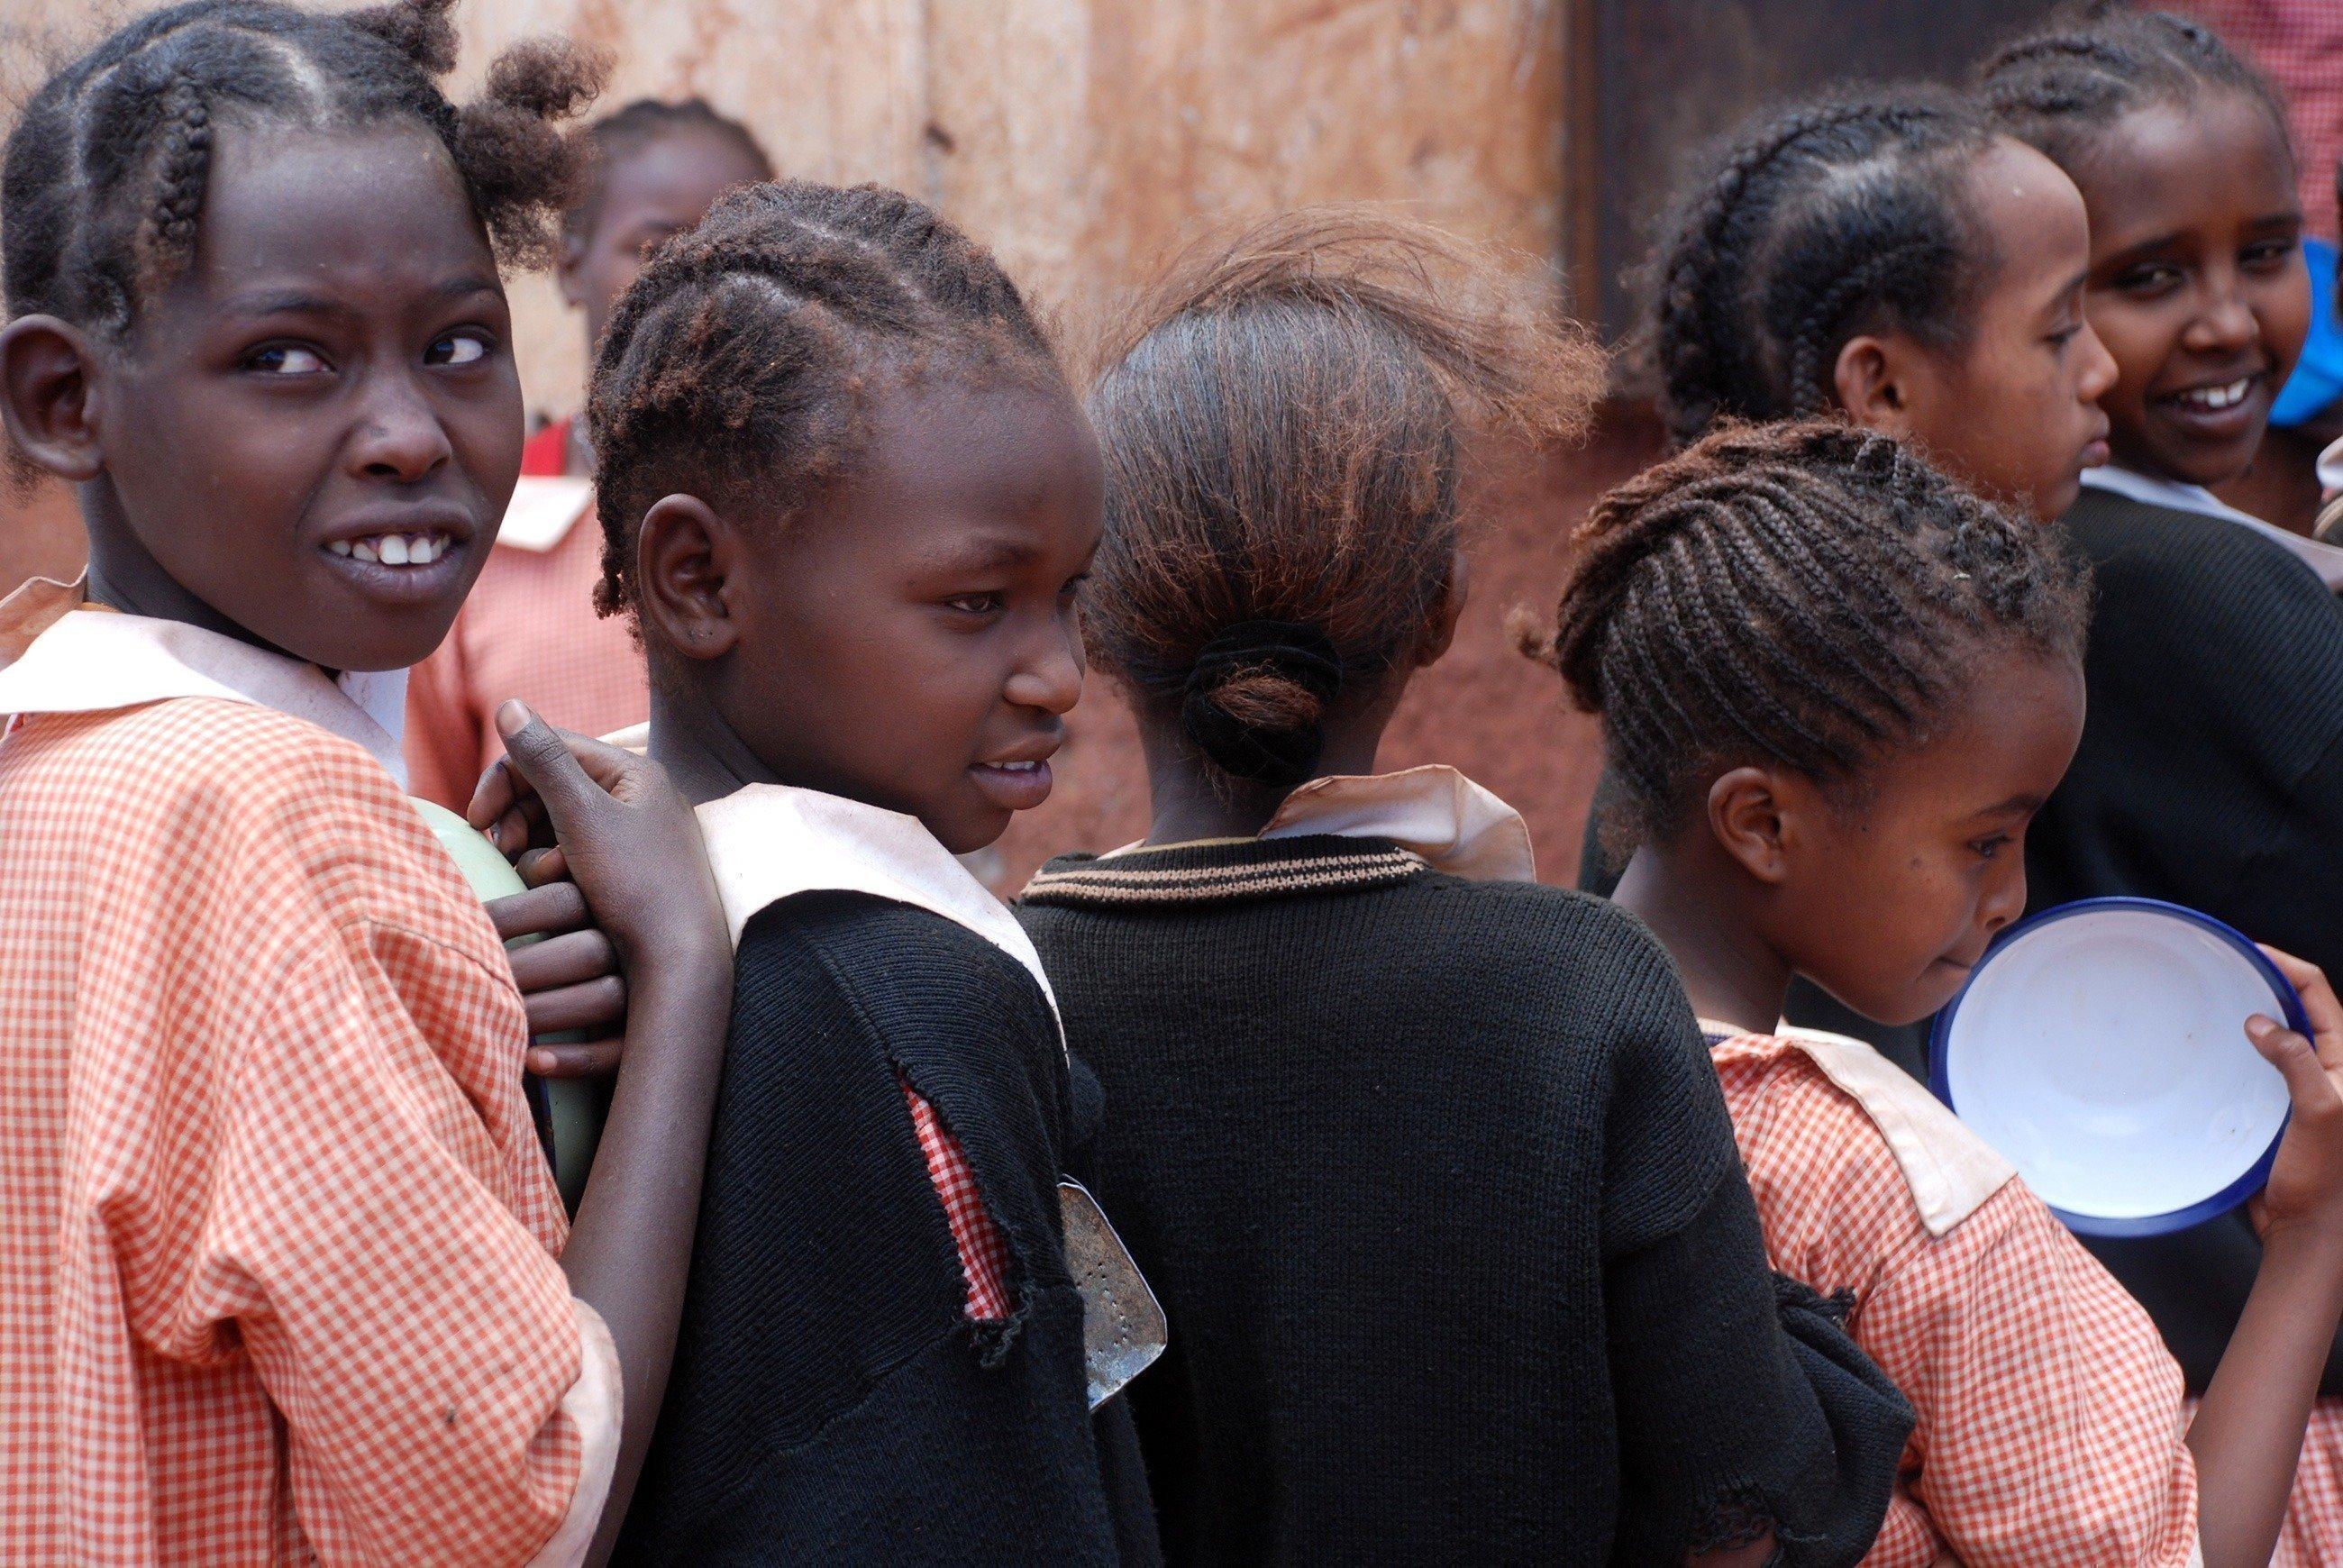 Kinder warten in einer Schlange auf ihr Essen.